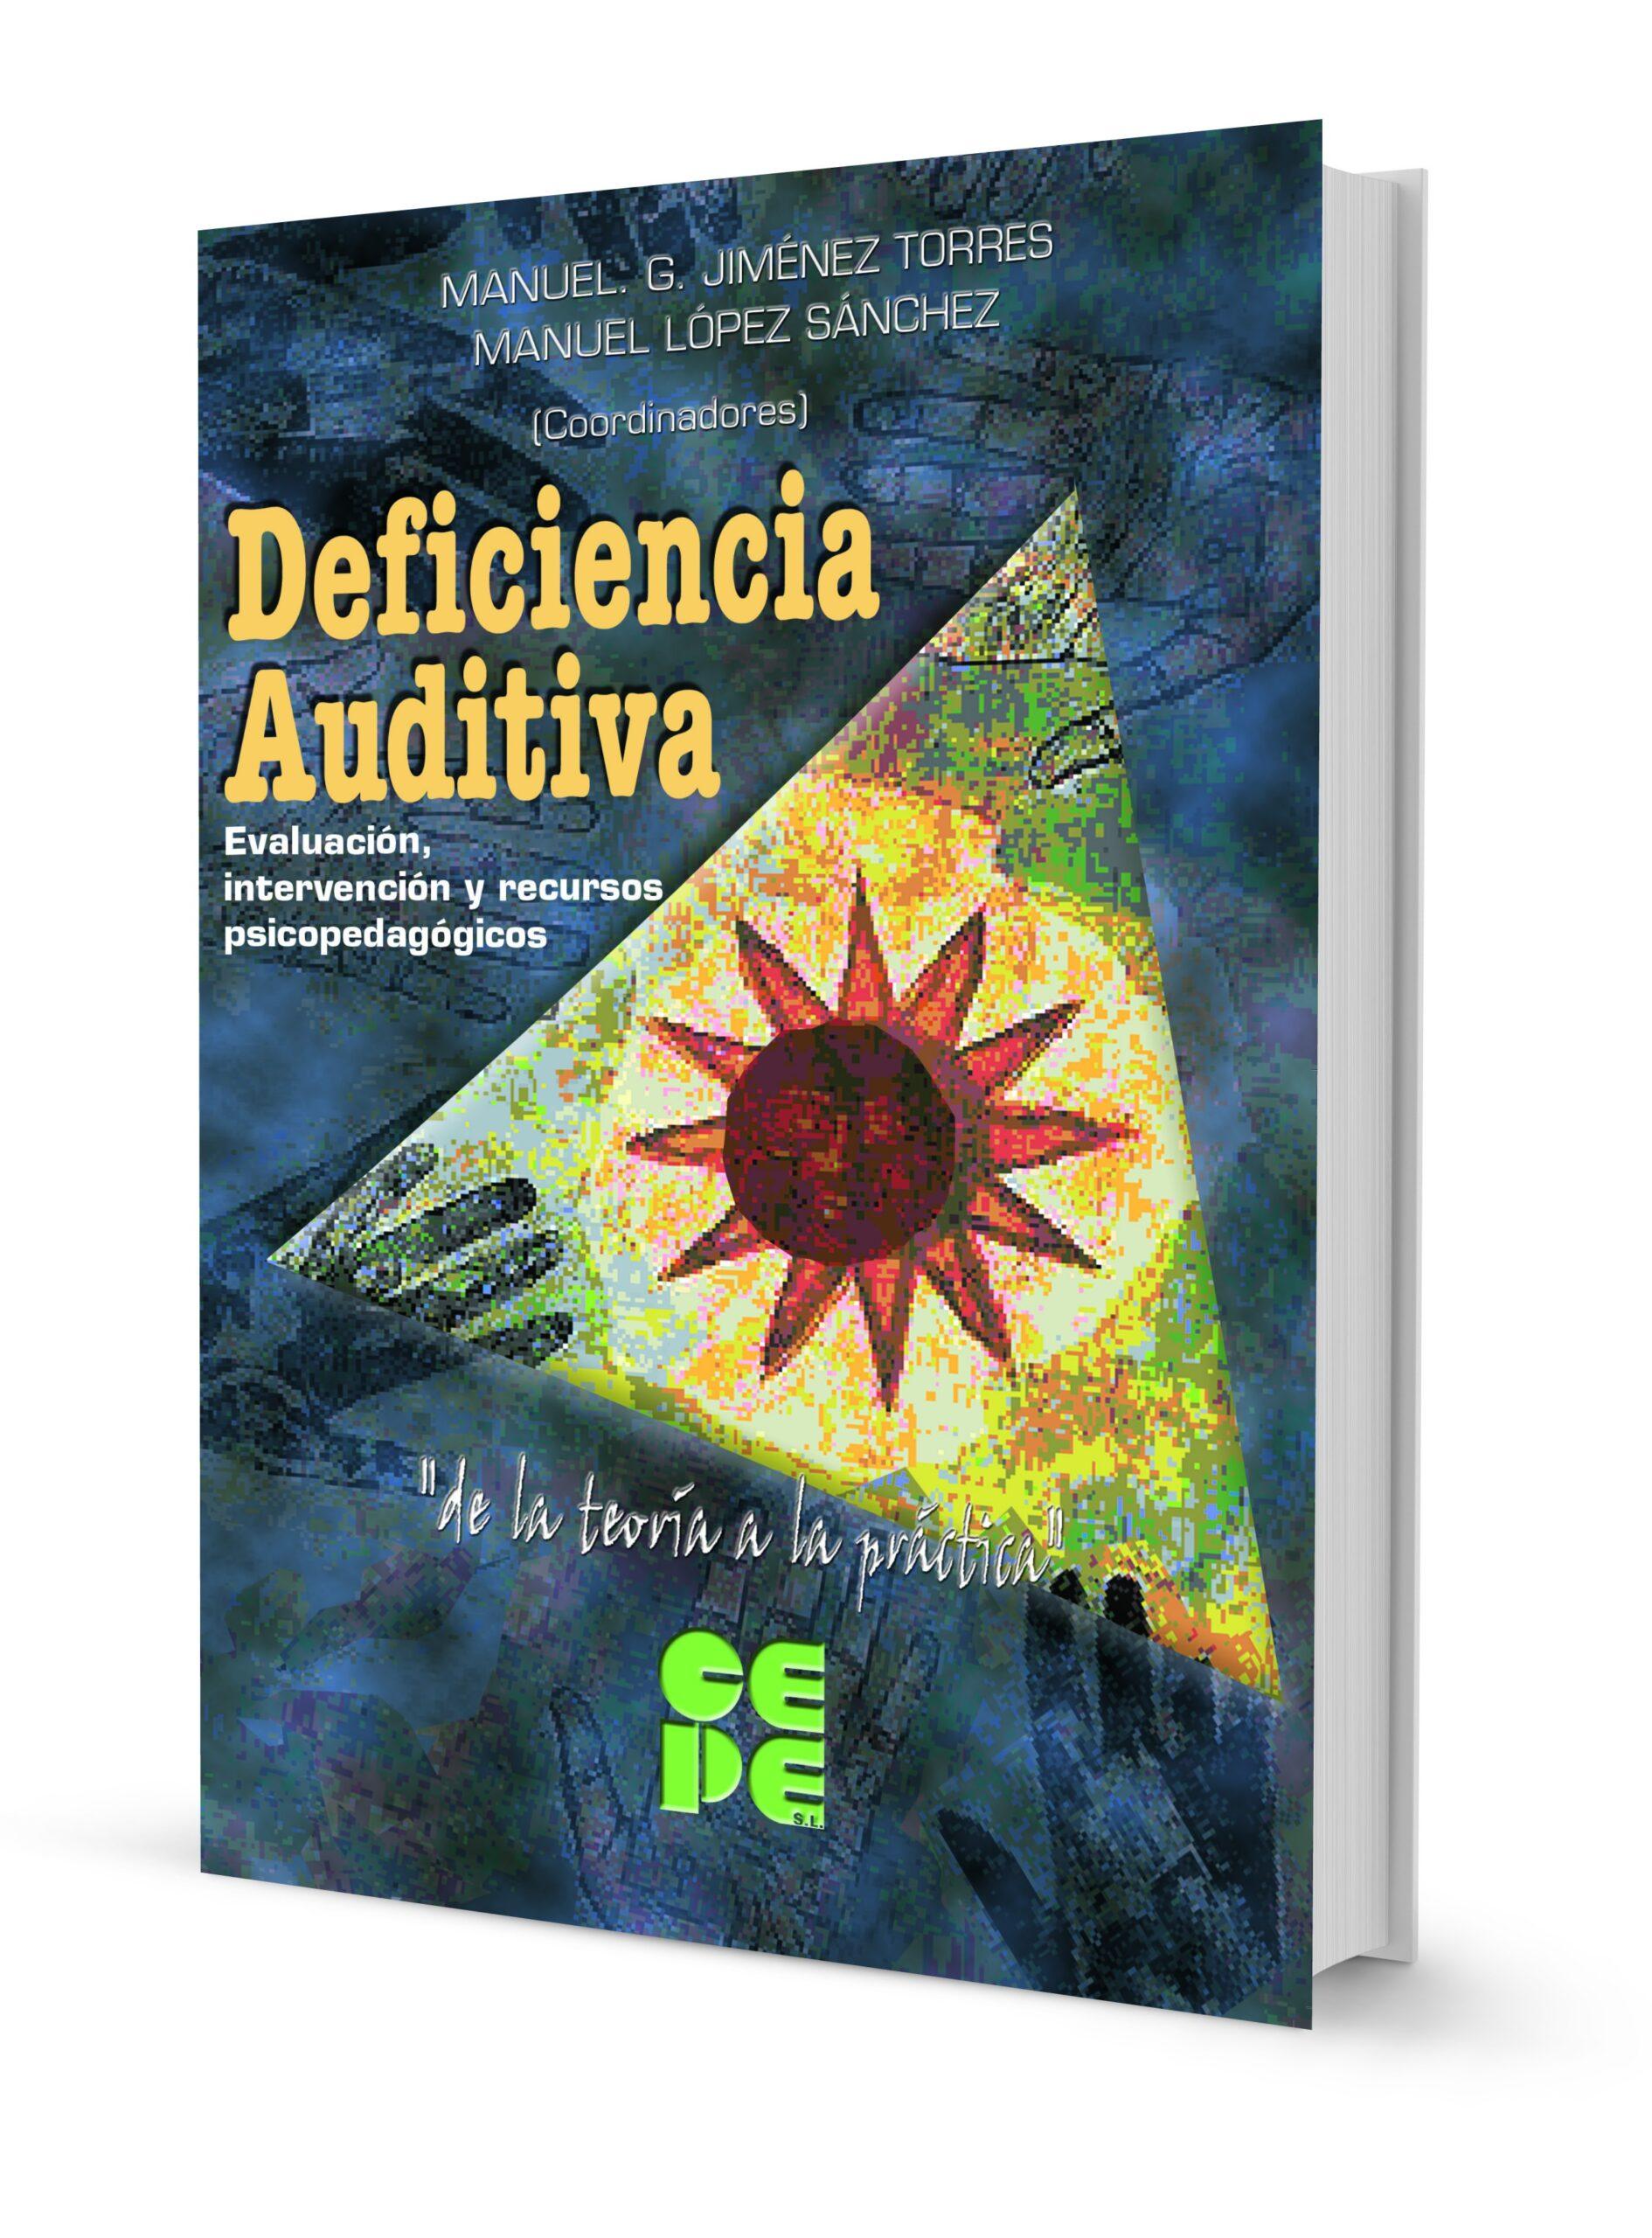 Deficiencia Auditiva. Evaluación, intervención y recursos psicopedagógicos